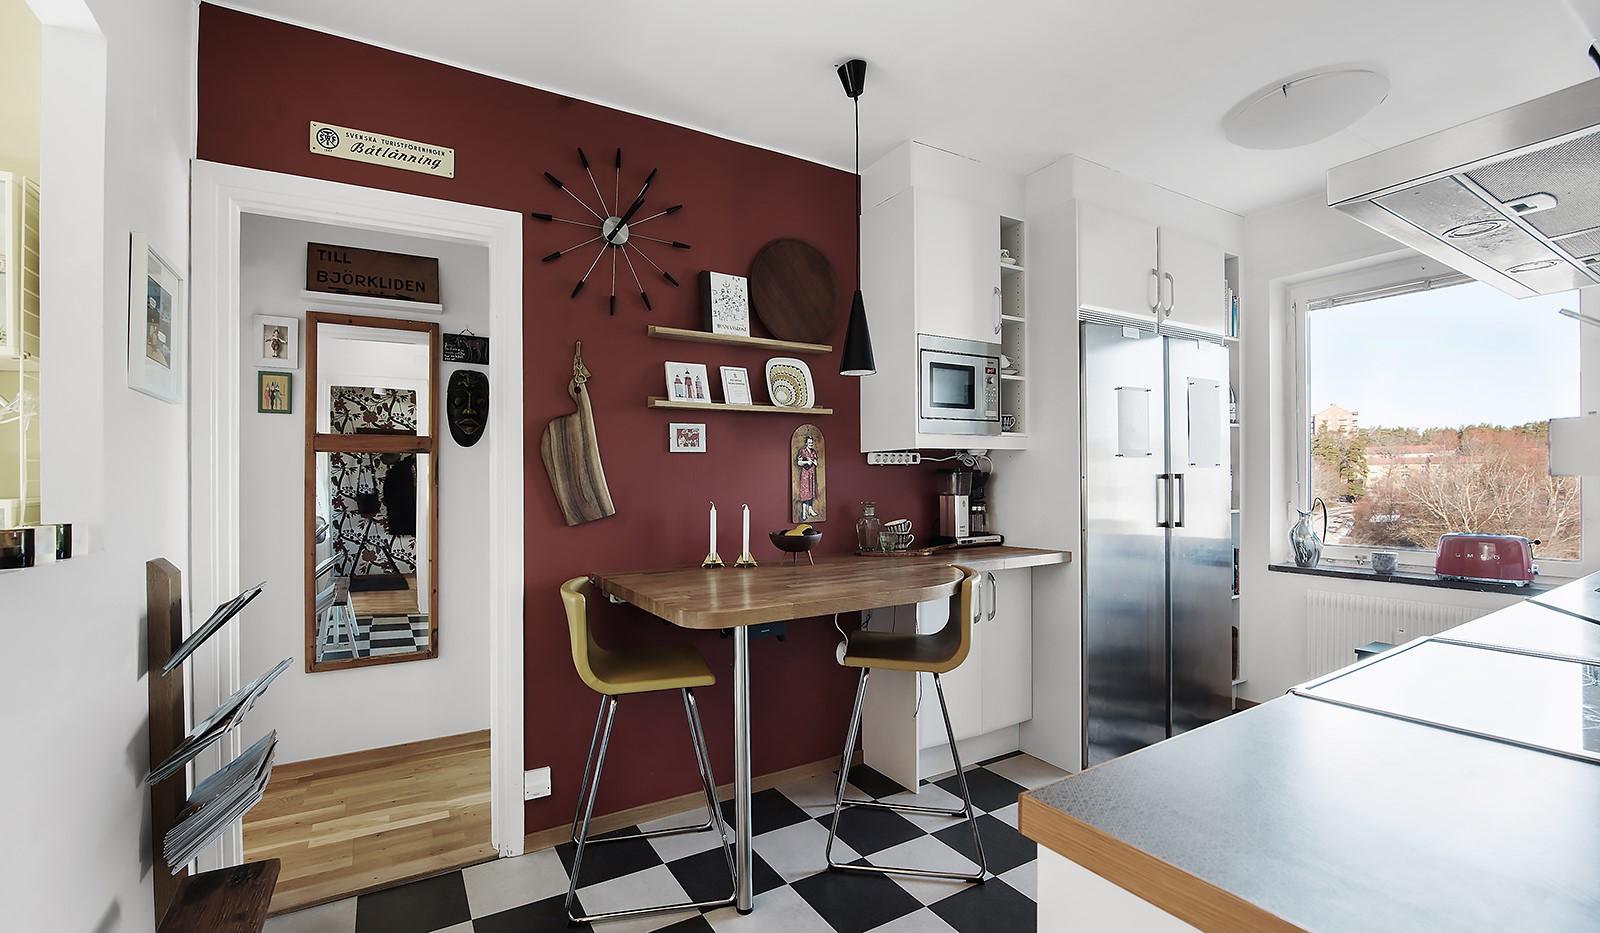 Arkövägen 27 - Smart kök med vackert ljusinsläpp